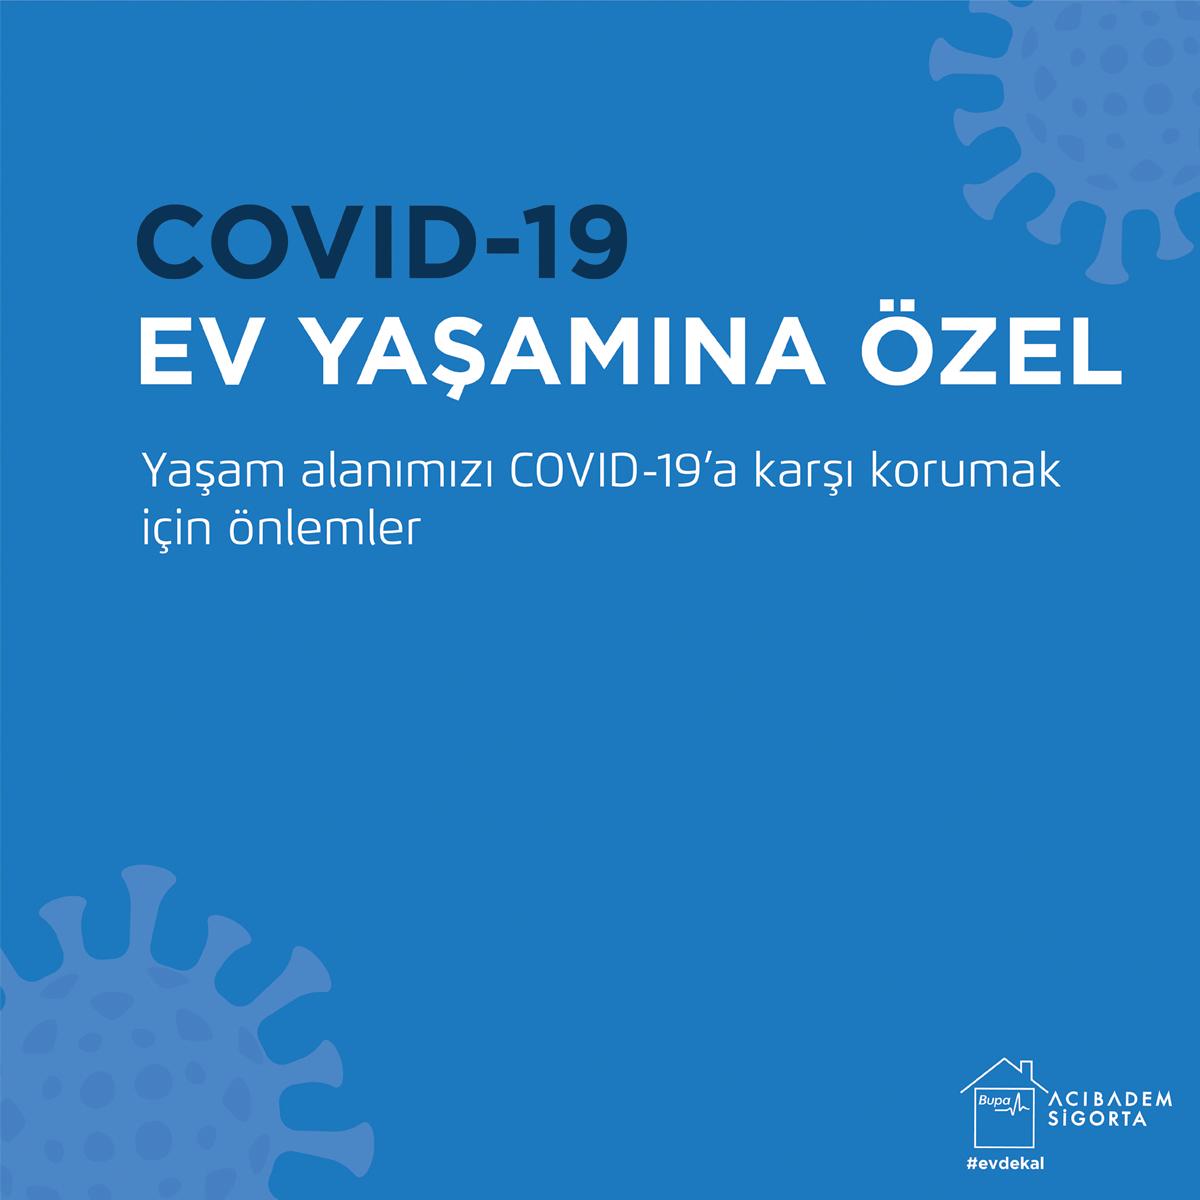 Yaşam alanımızı COVID-19'a karşı korumak için önlemler Sağı işaret etmek  #BupaAcıbademSigortaYanında #YanYanaOlmasakDaBeraberiz #EvdeKal #Covid_19 https://t.co/Pgr7CLZ7lH